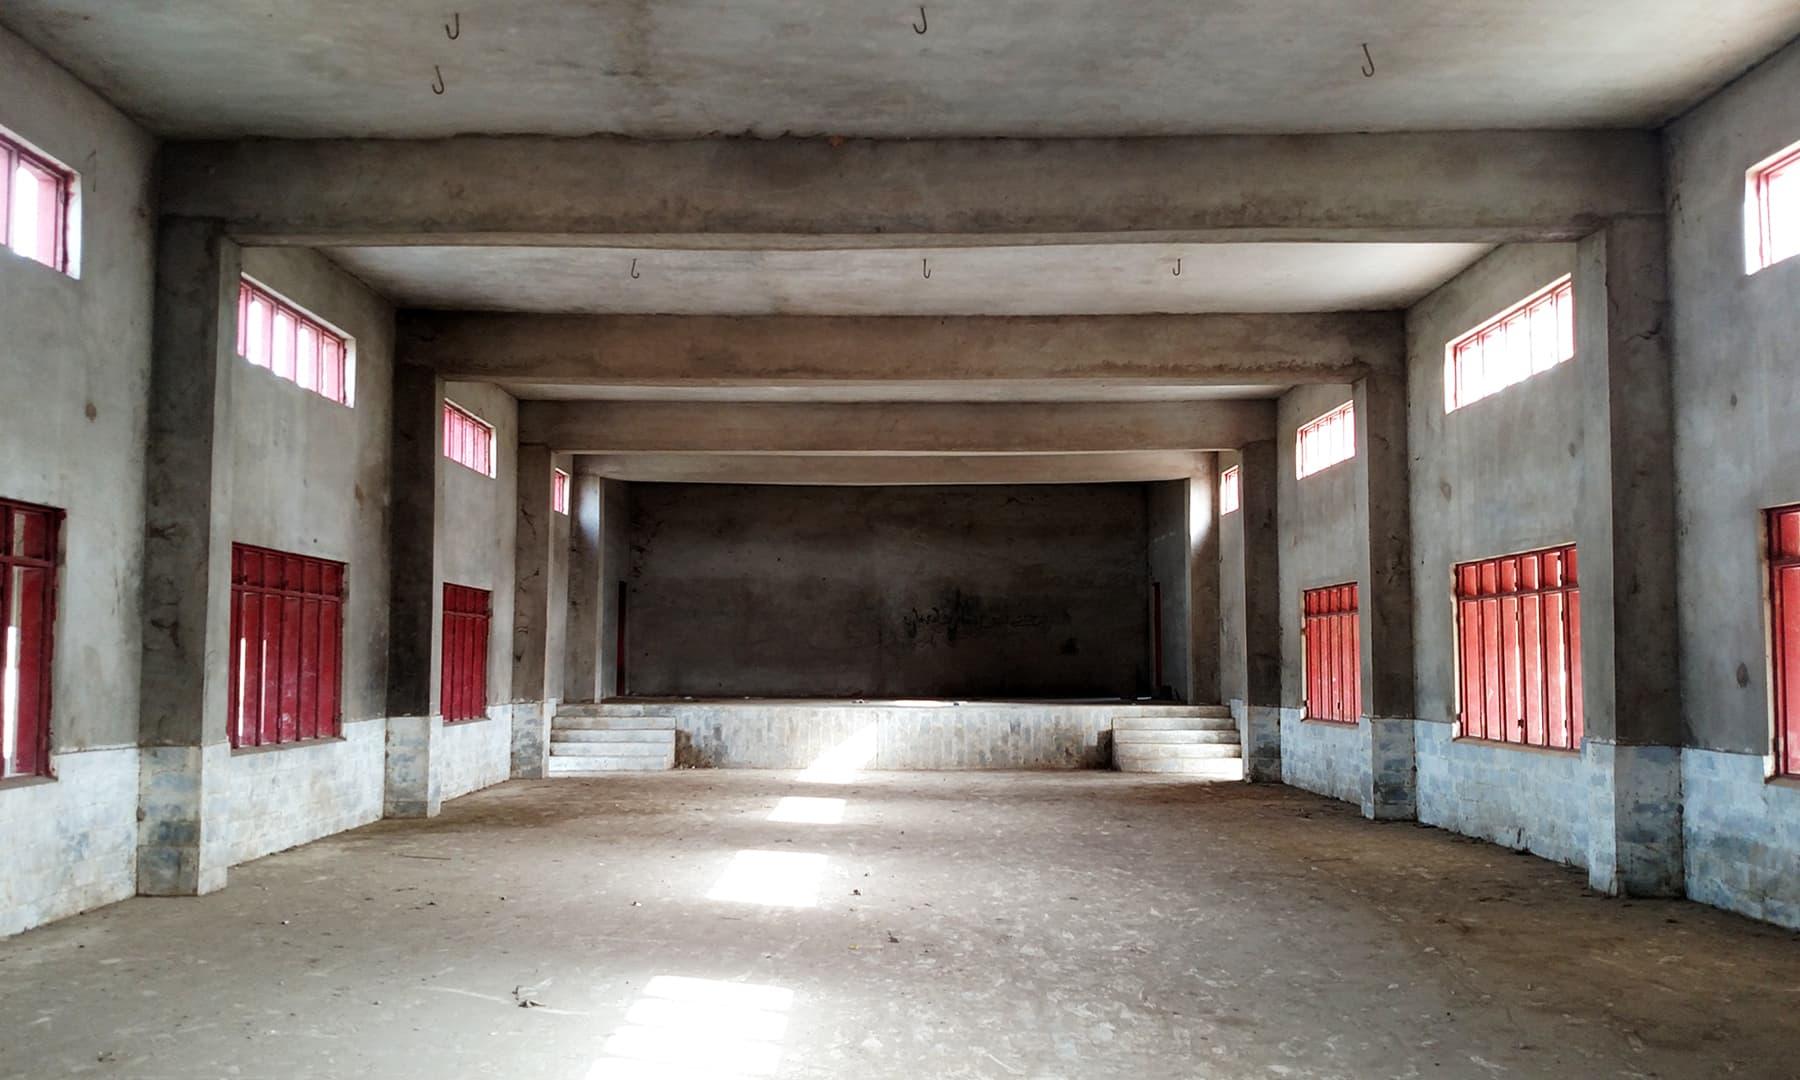 اندر داخل ہونے پر معلوم ہوتا ہے کہ یہ ابھی بھی مکمل نہیں۔— بلال کریم مغل